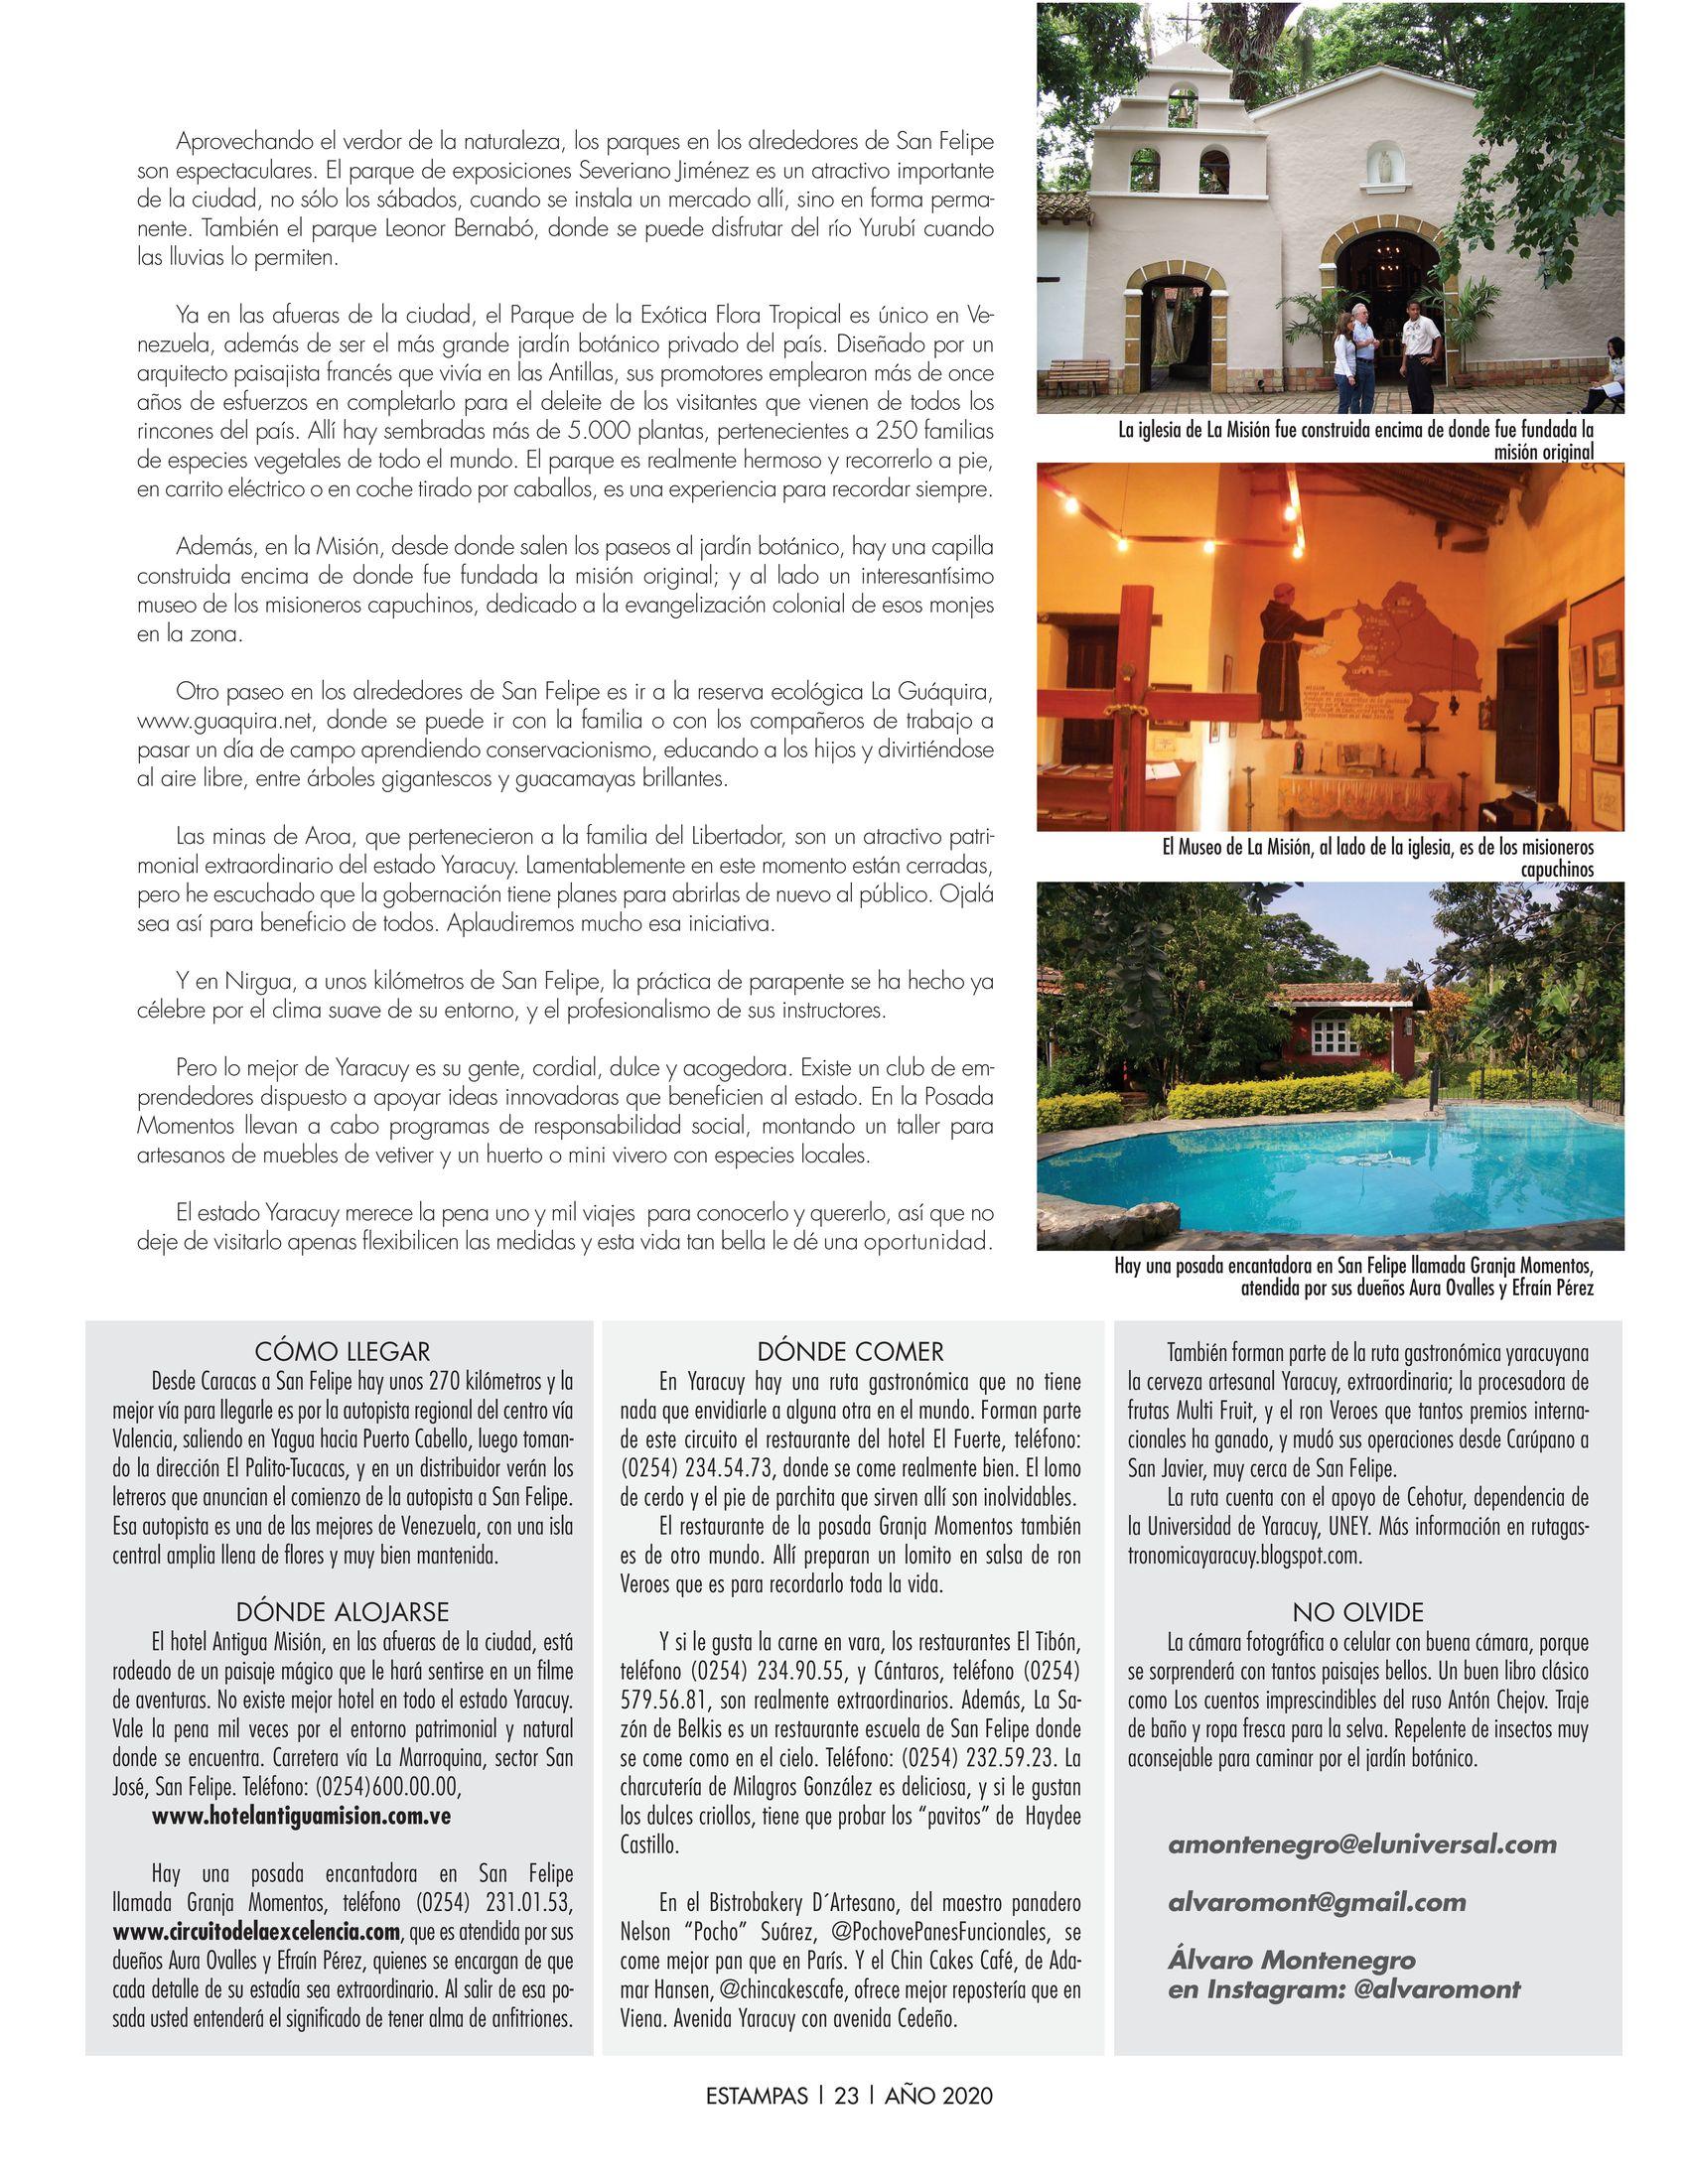 23-REV Turismo:  Álvaro Montenegro - Yaracuy es frondoso verde y lozano